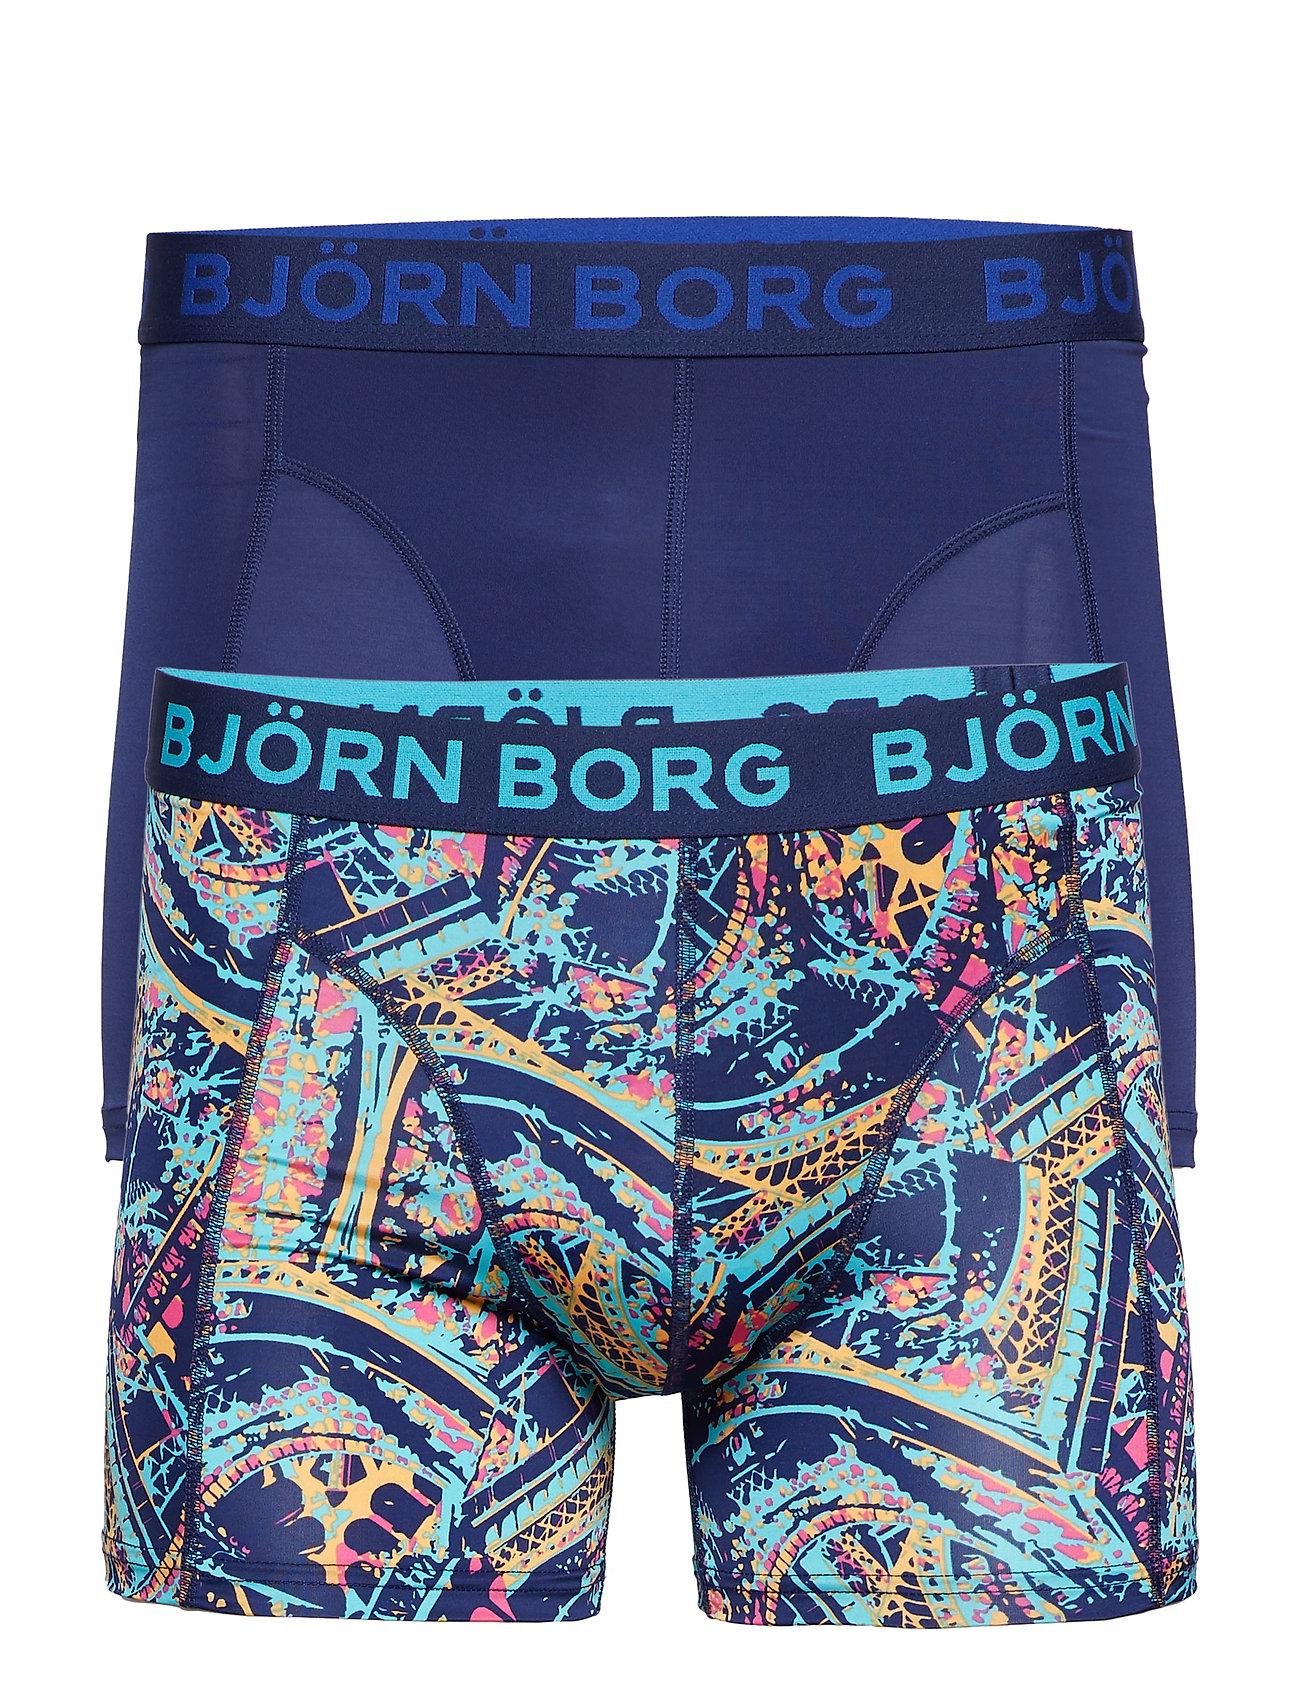 Bb Shorts Bb Eiffel Borg Shorts Borg Eiffel 2ppeacoatBjörn Shorts 2ppeacoatBjörn JTK1Fcl